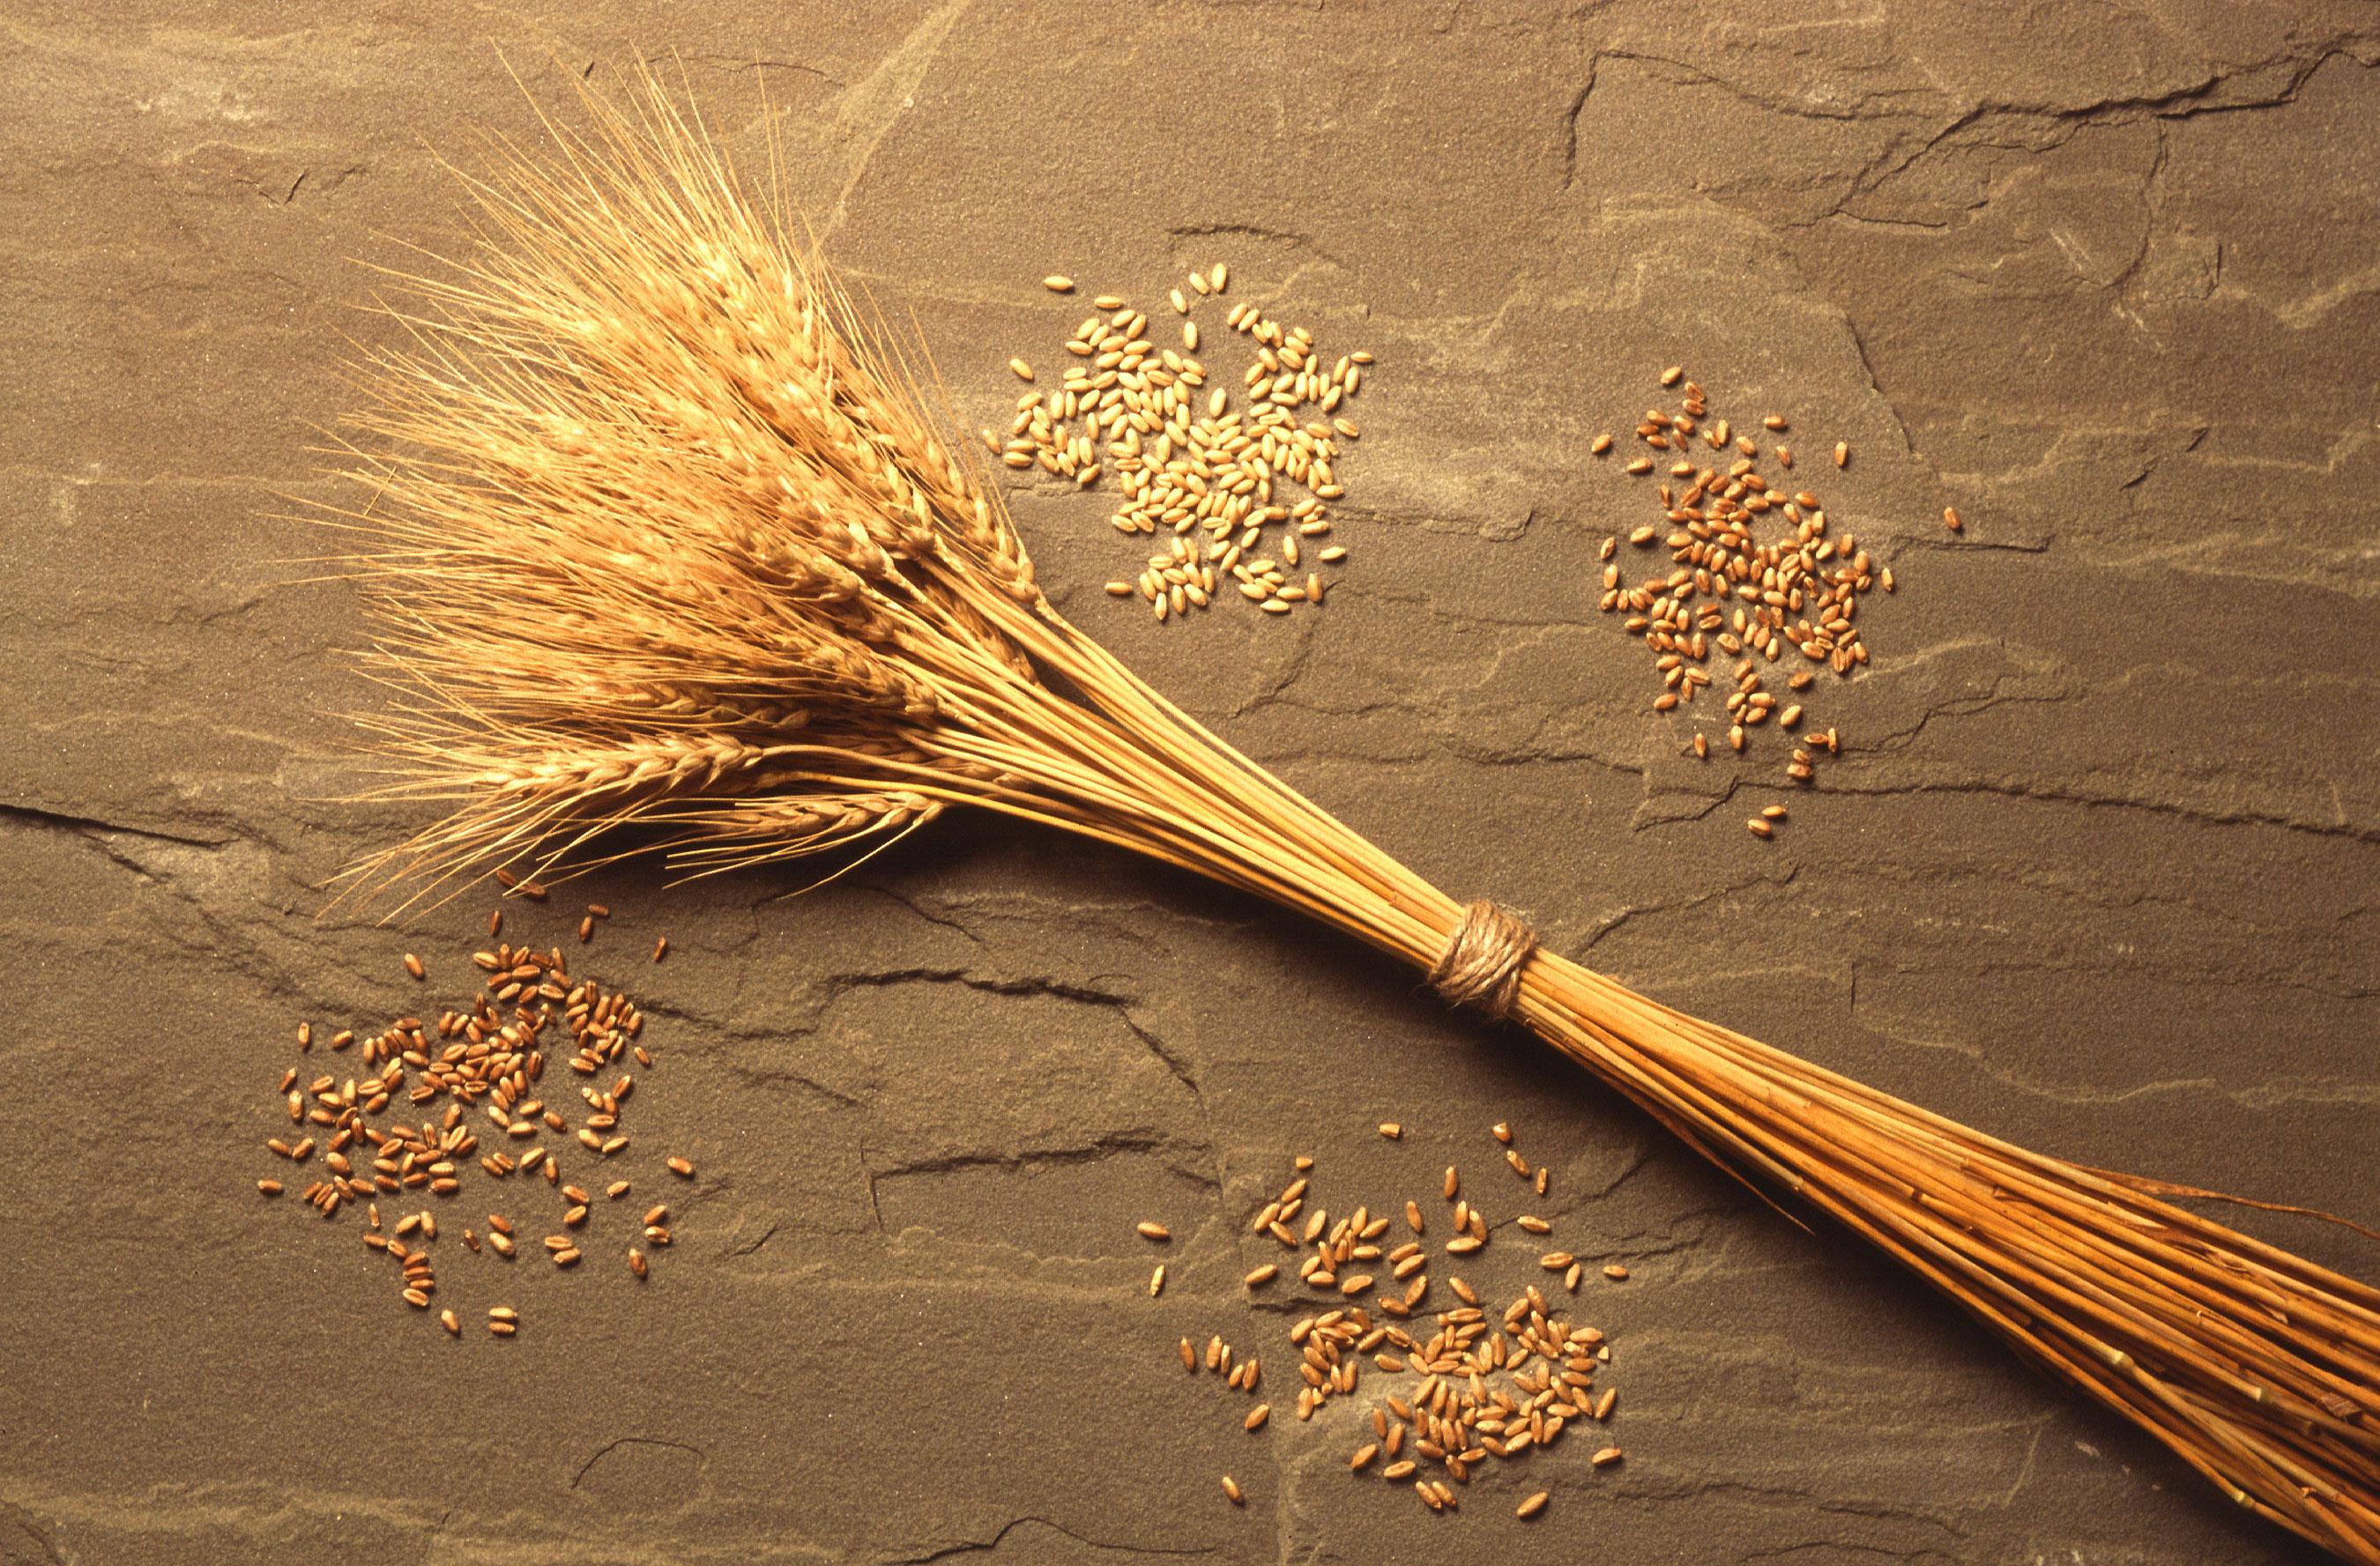 94599317wheat